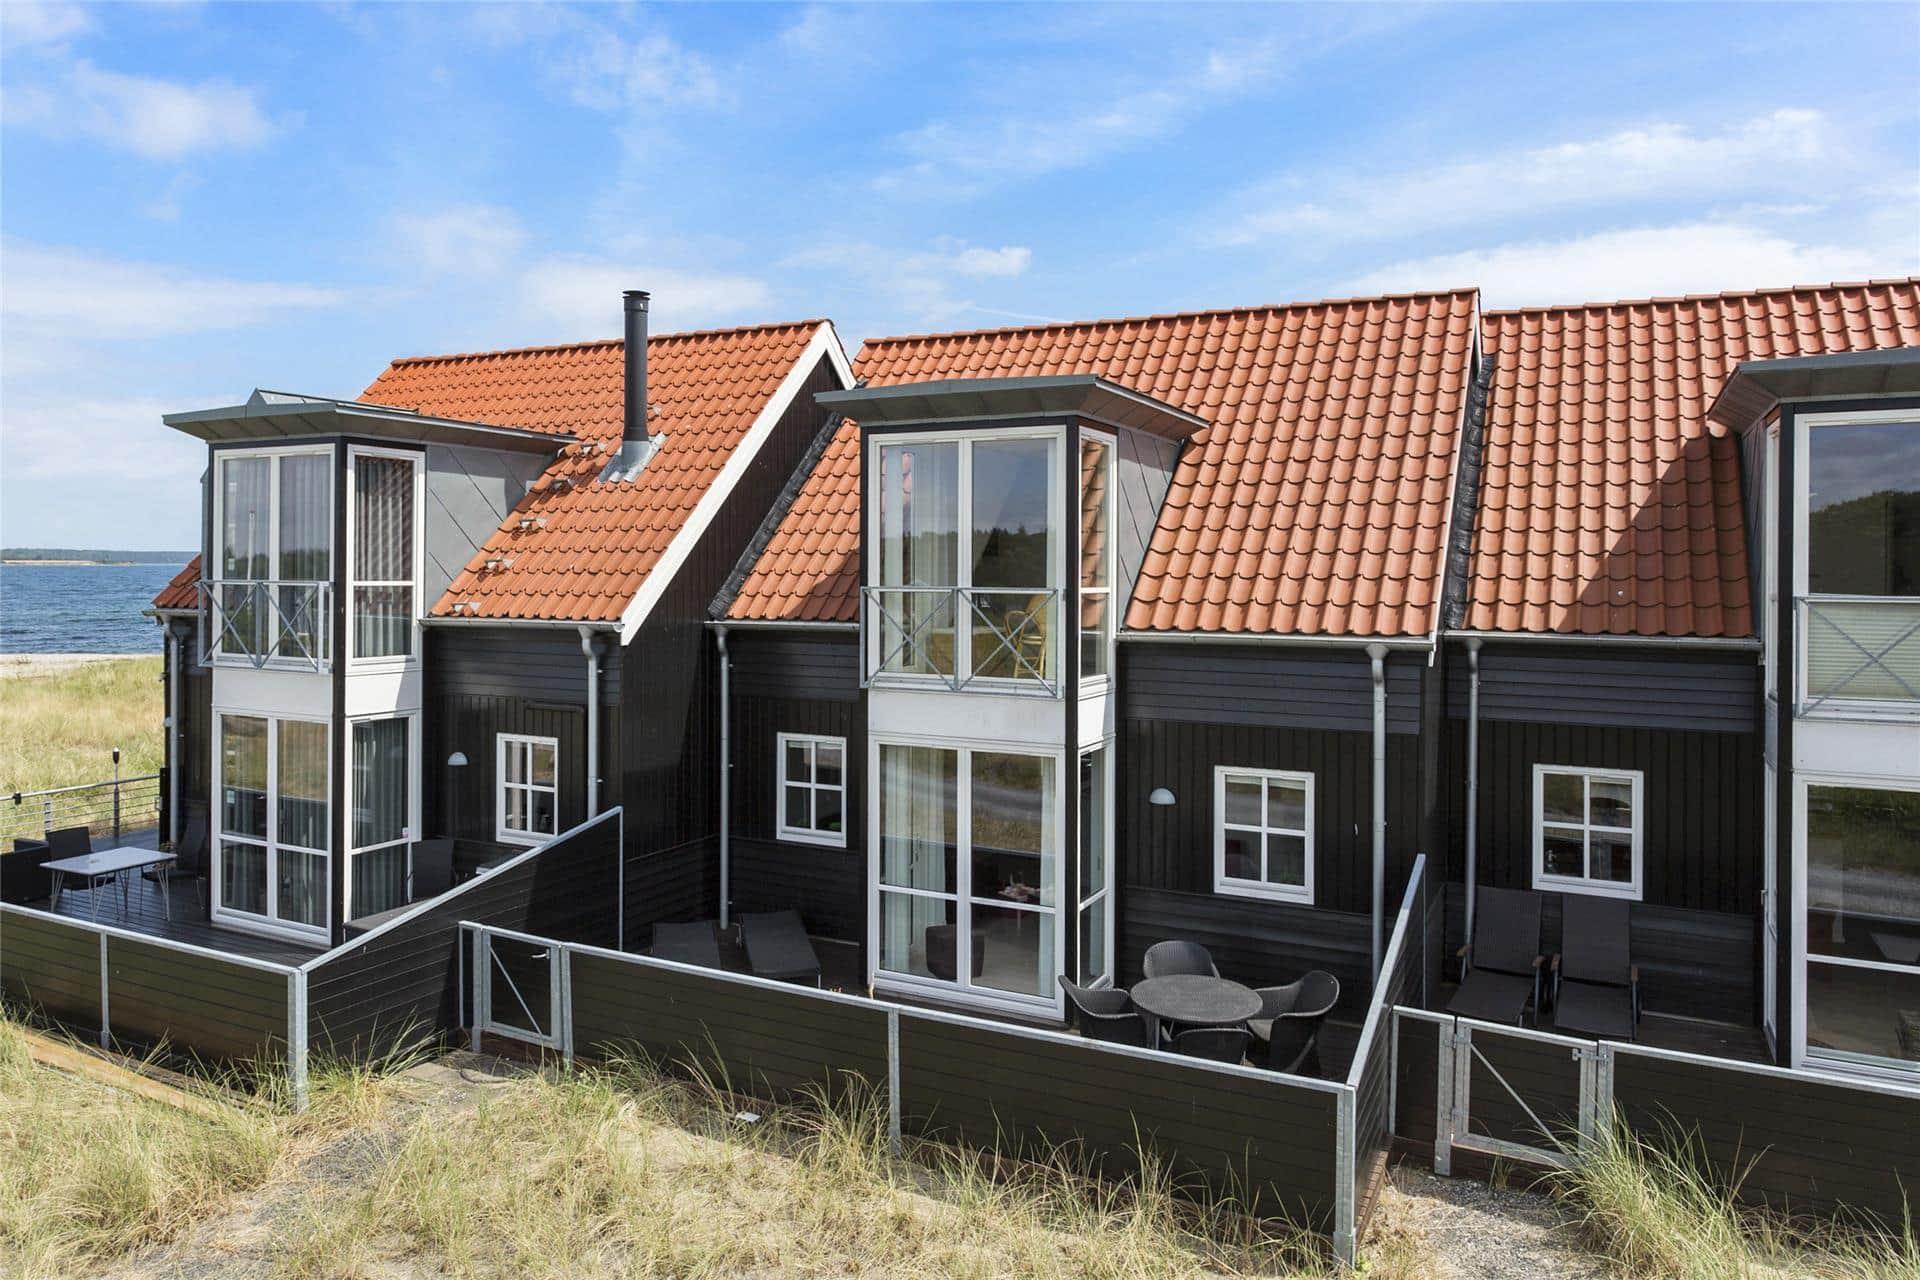 Billede 1-19 Sommerhus 40102, Strandengen 1, DK - 7130 Juelsminde